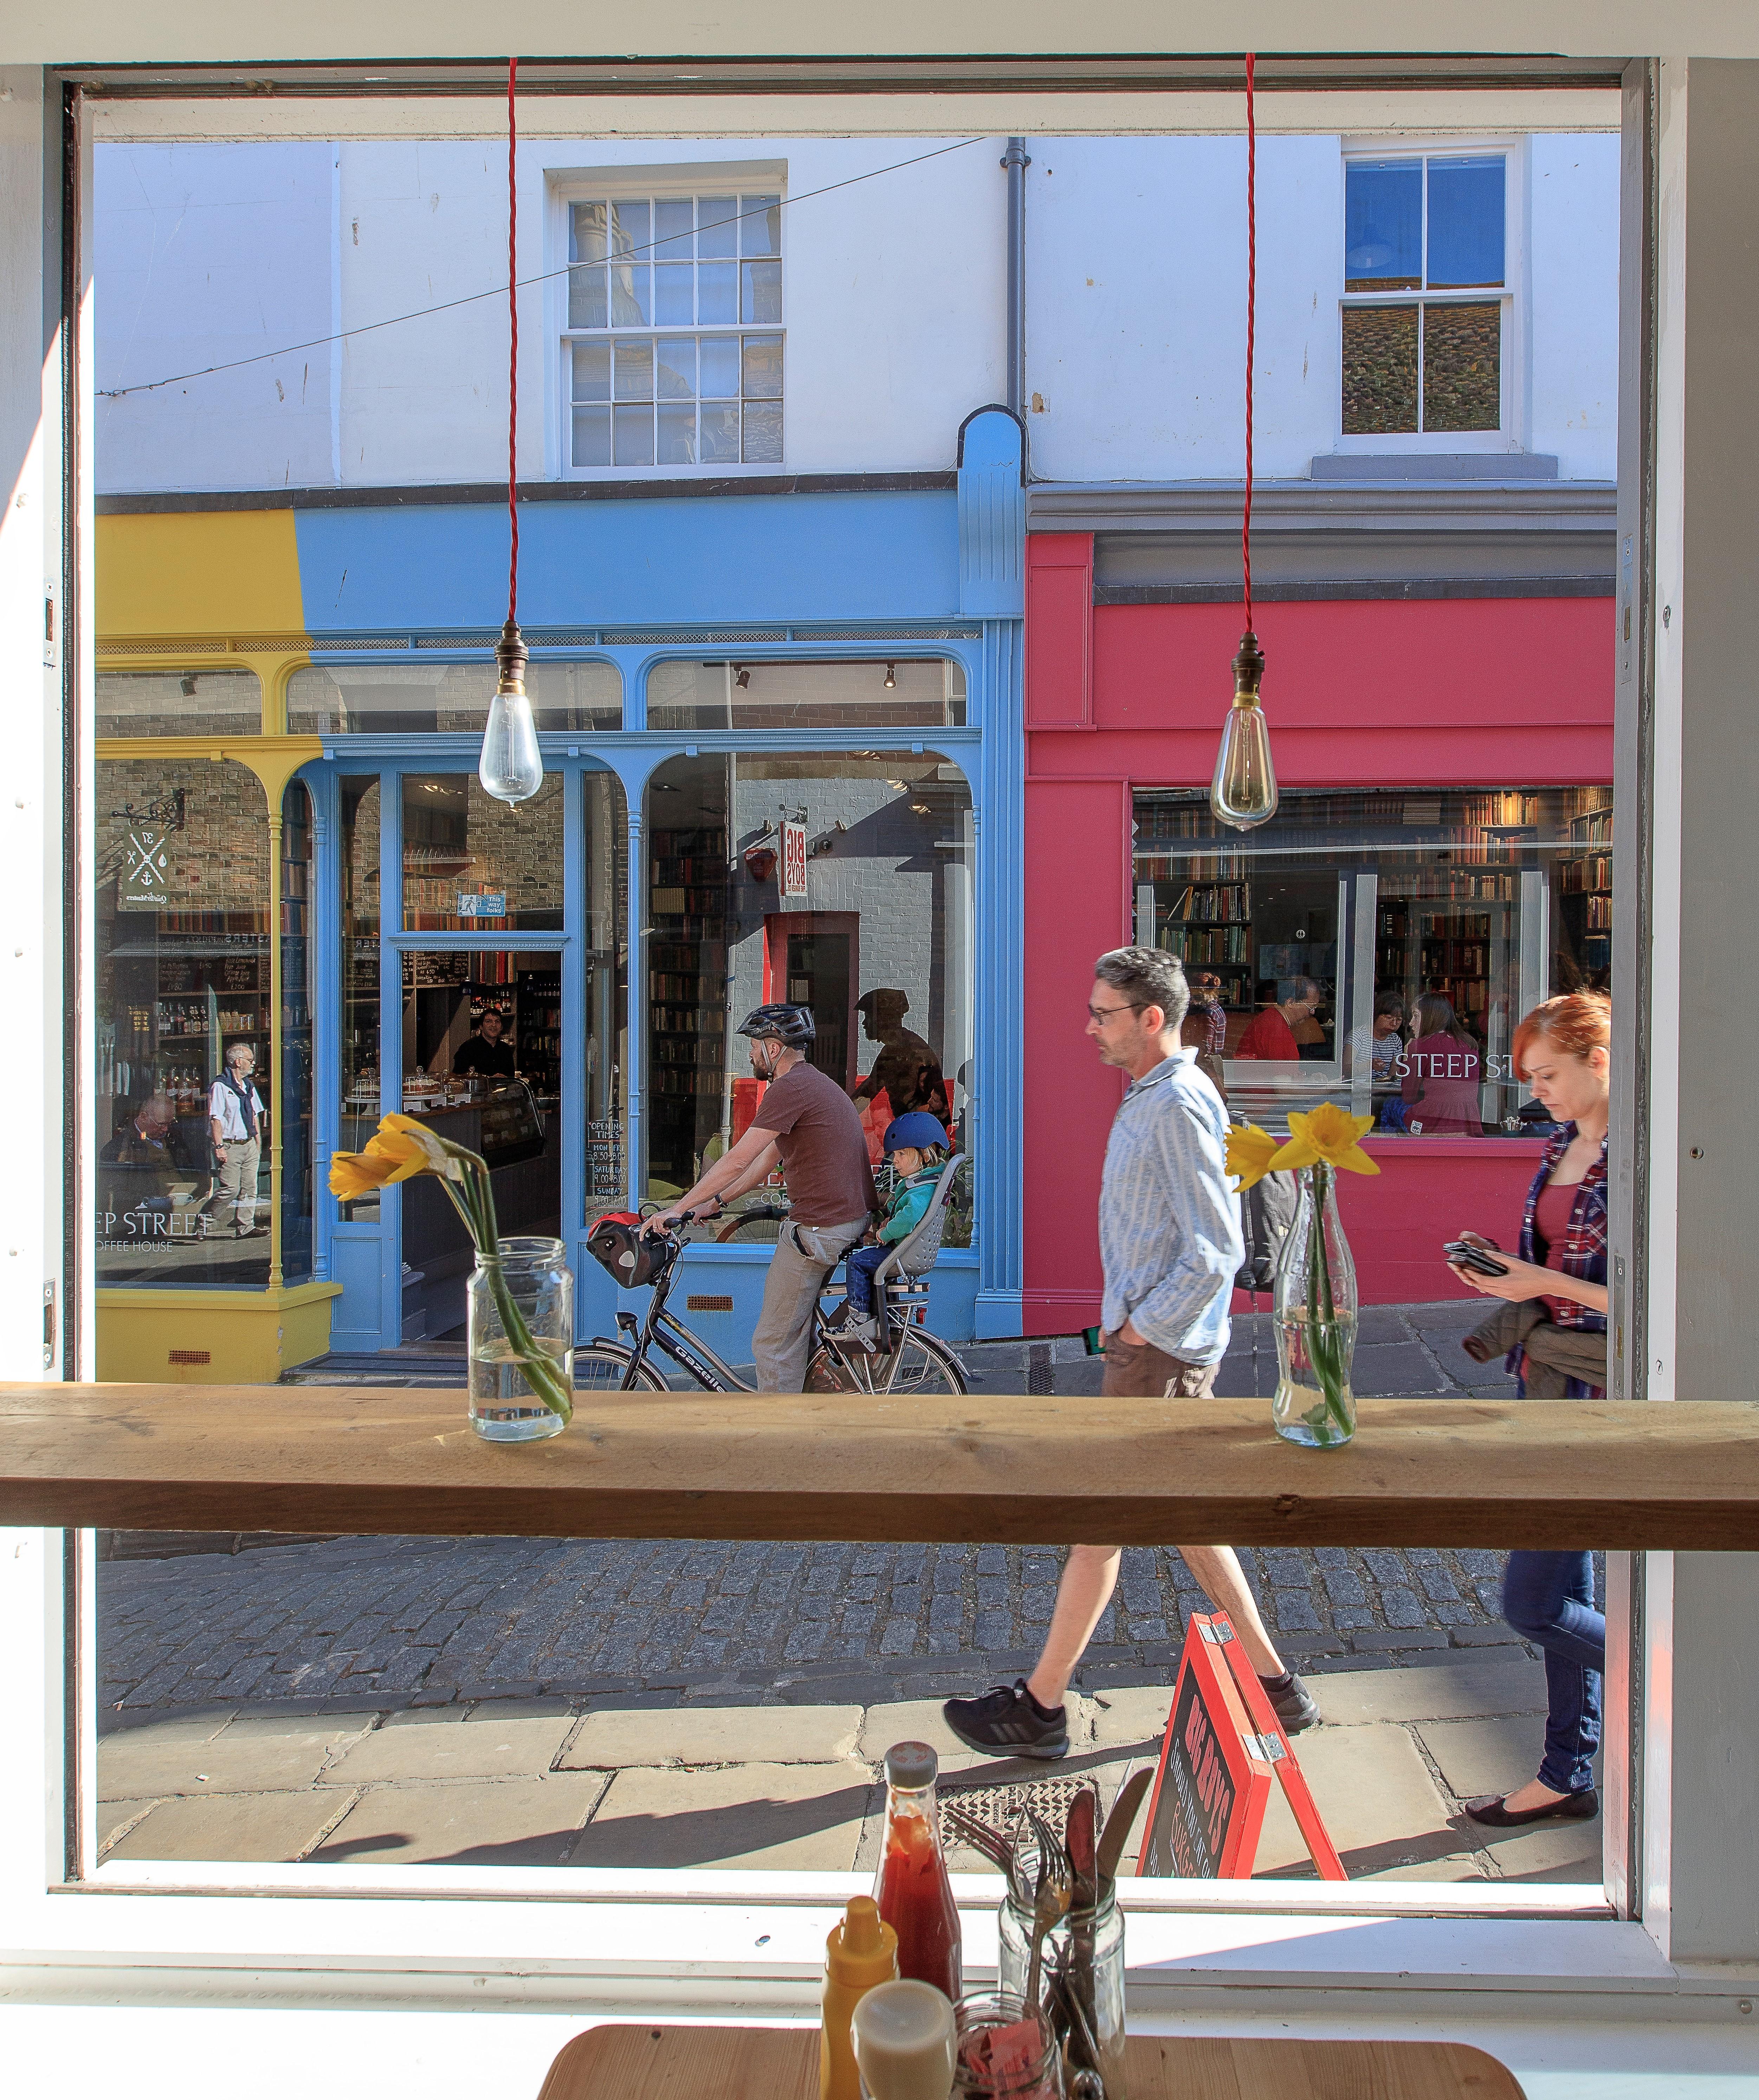 Folkestone Creative Quarter. Image courtesy of the Creative Foundation.-Creative Quarter Through The